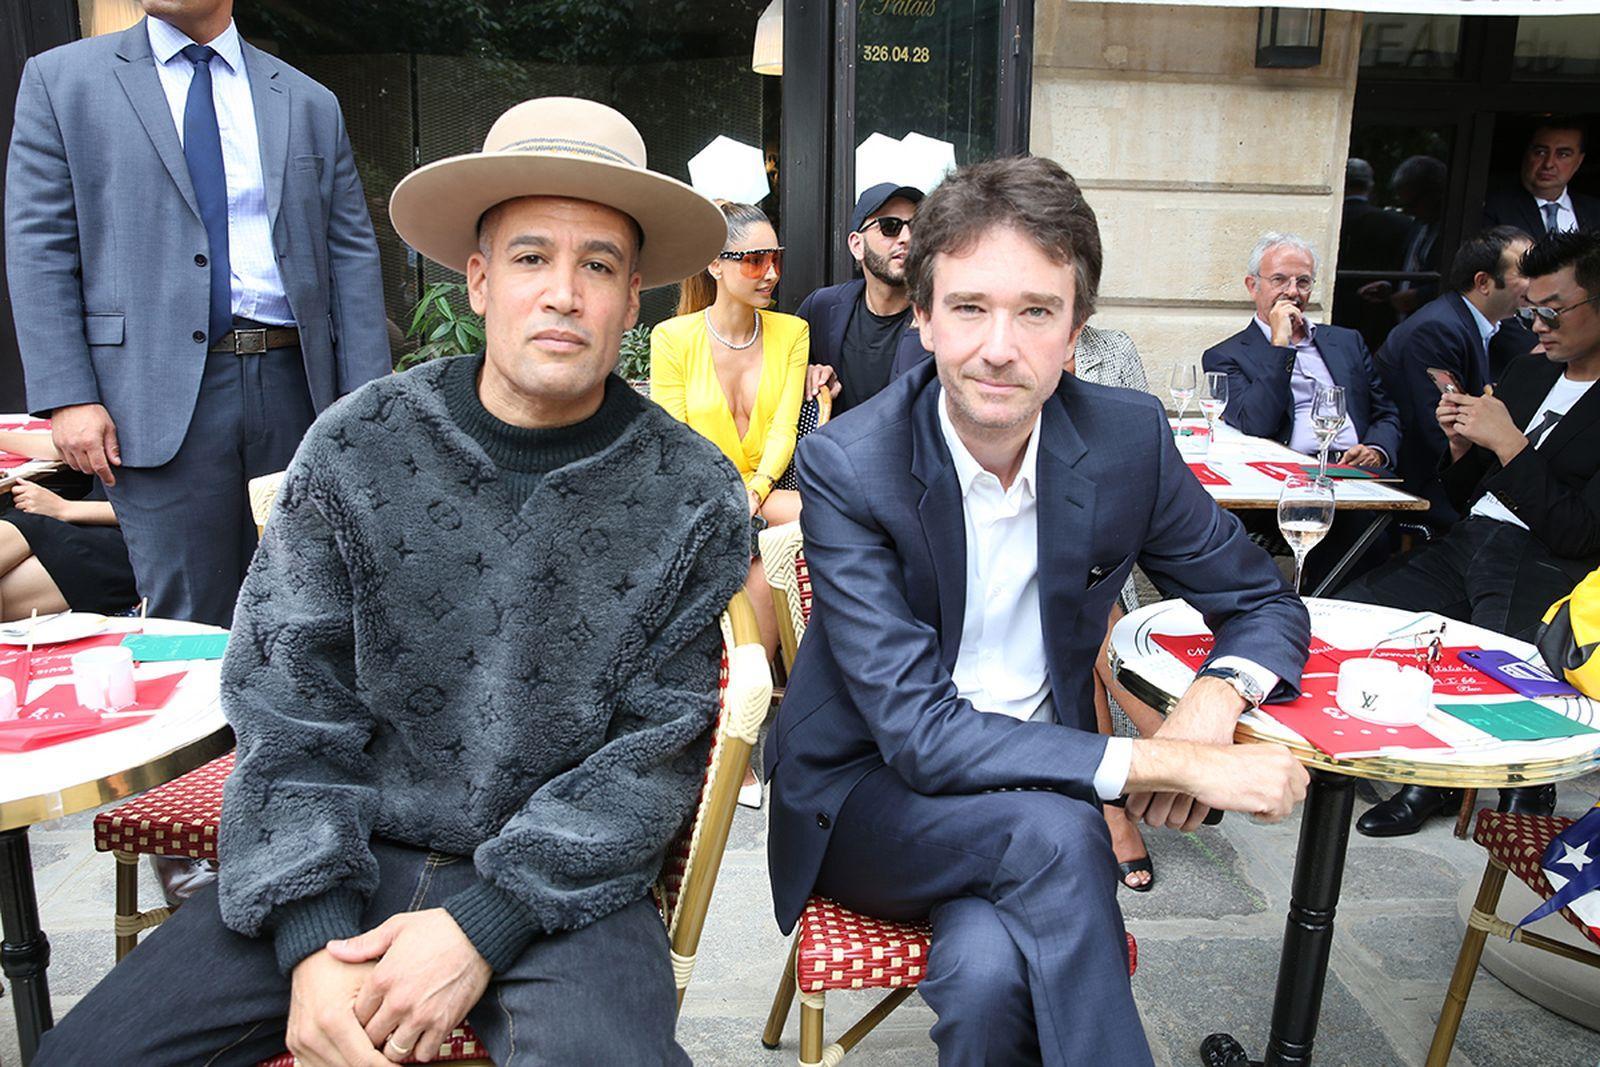 louis vuitton ss20 show celebrity roundup paris fashion week virgil abloh